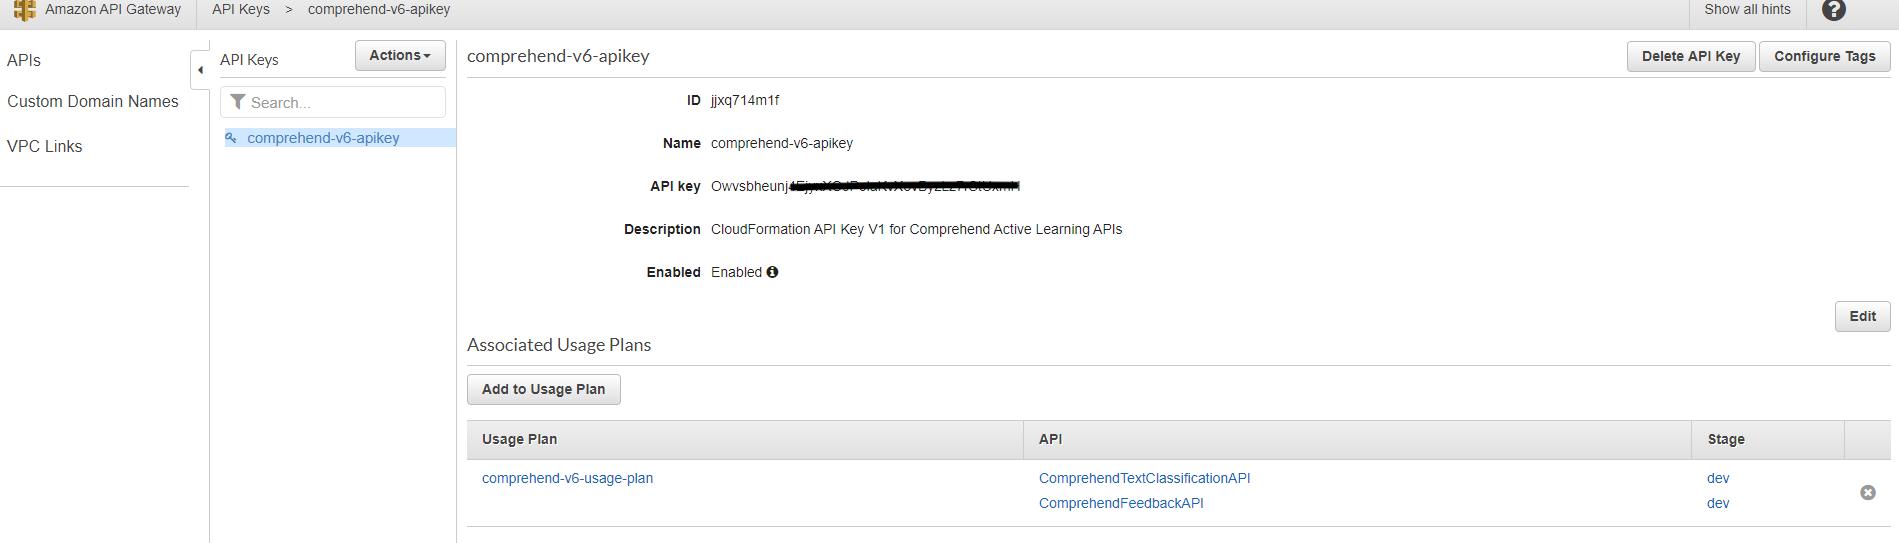 API Key page